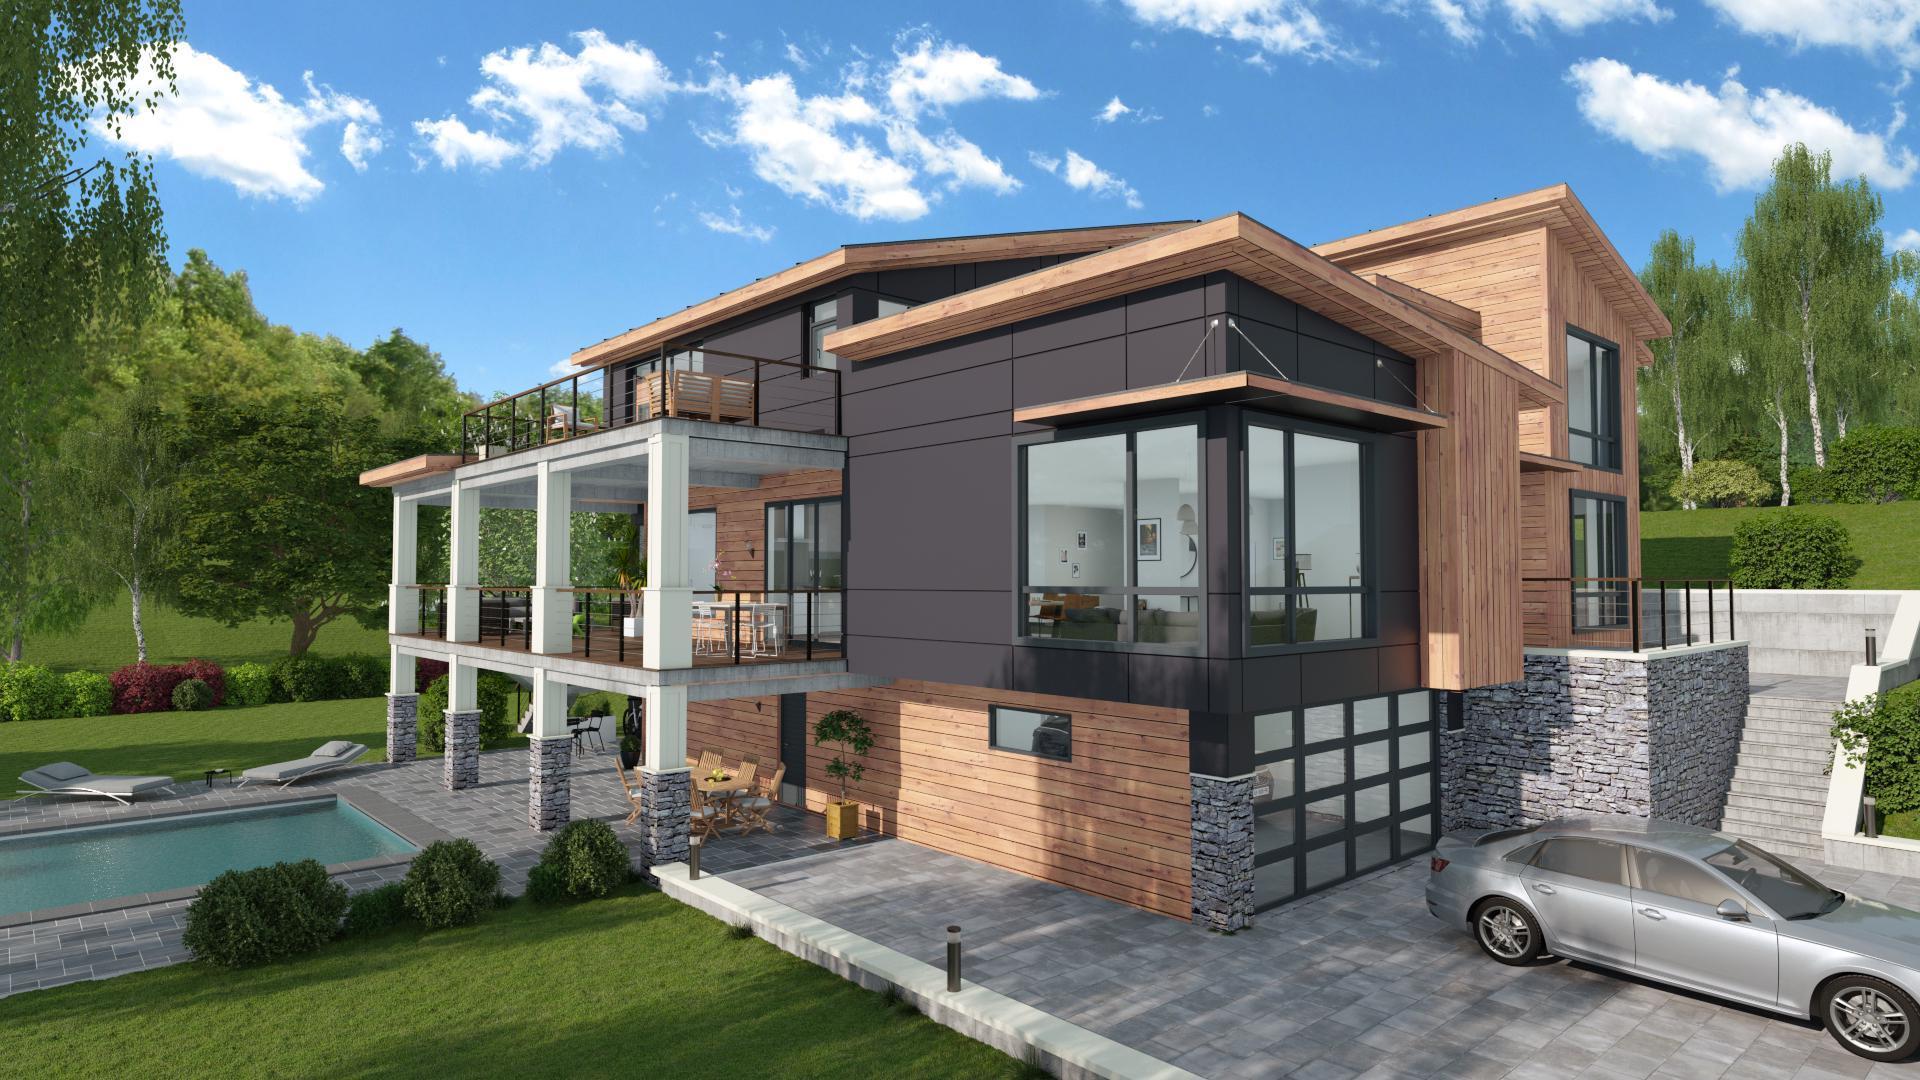 Bewertungen Cedreo: 3D-Architektur-Software für den Bau von Häusern - appvizer